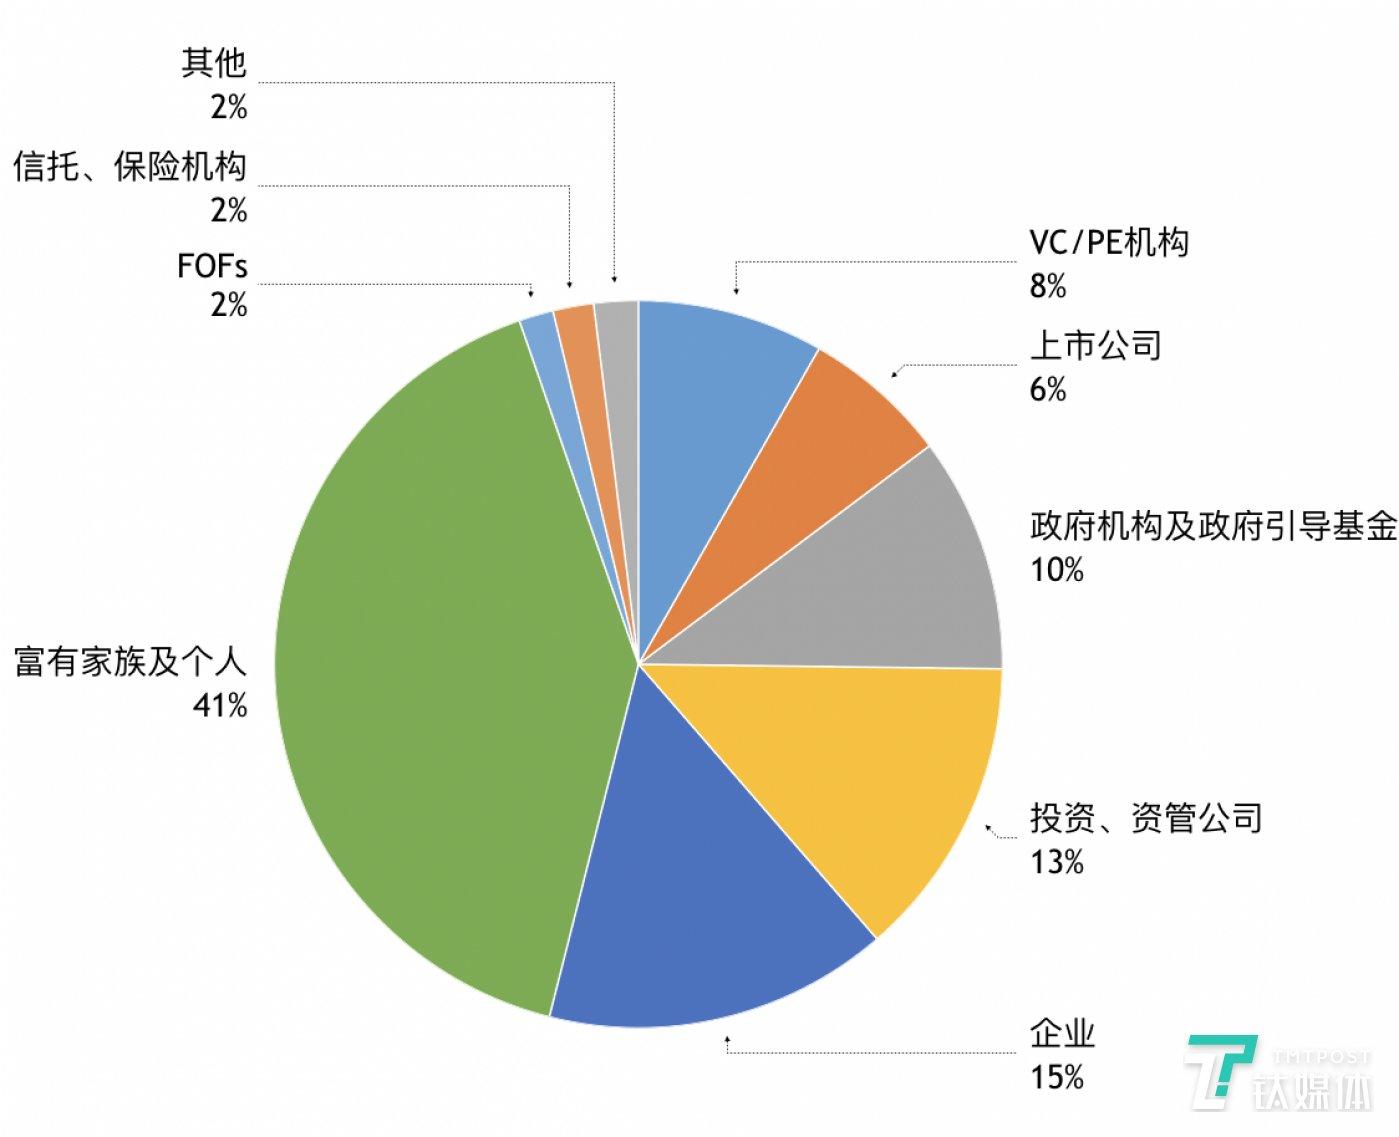 截止2017年中国股权投资市场LP类别分布,数据来源:私募通